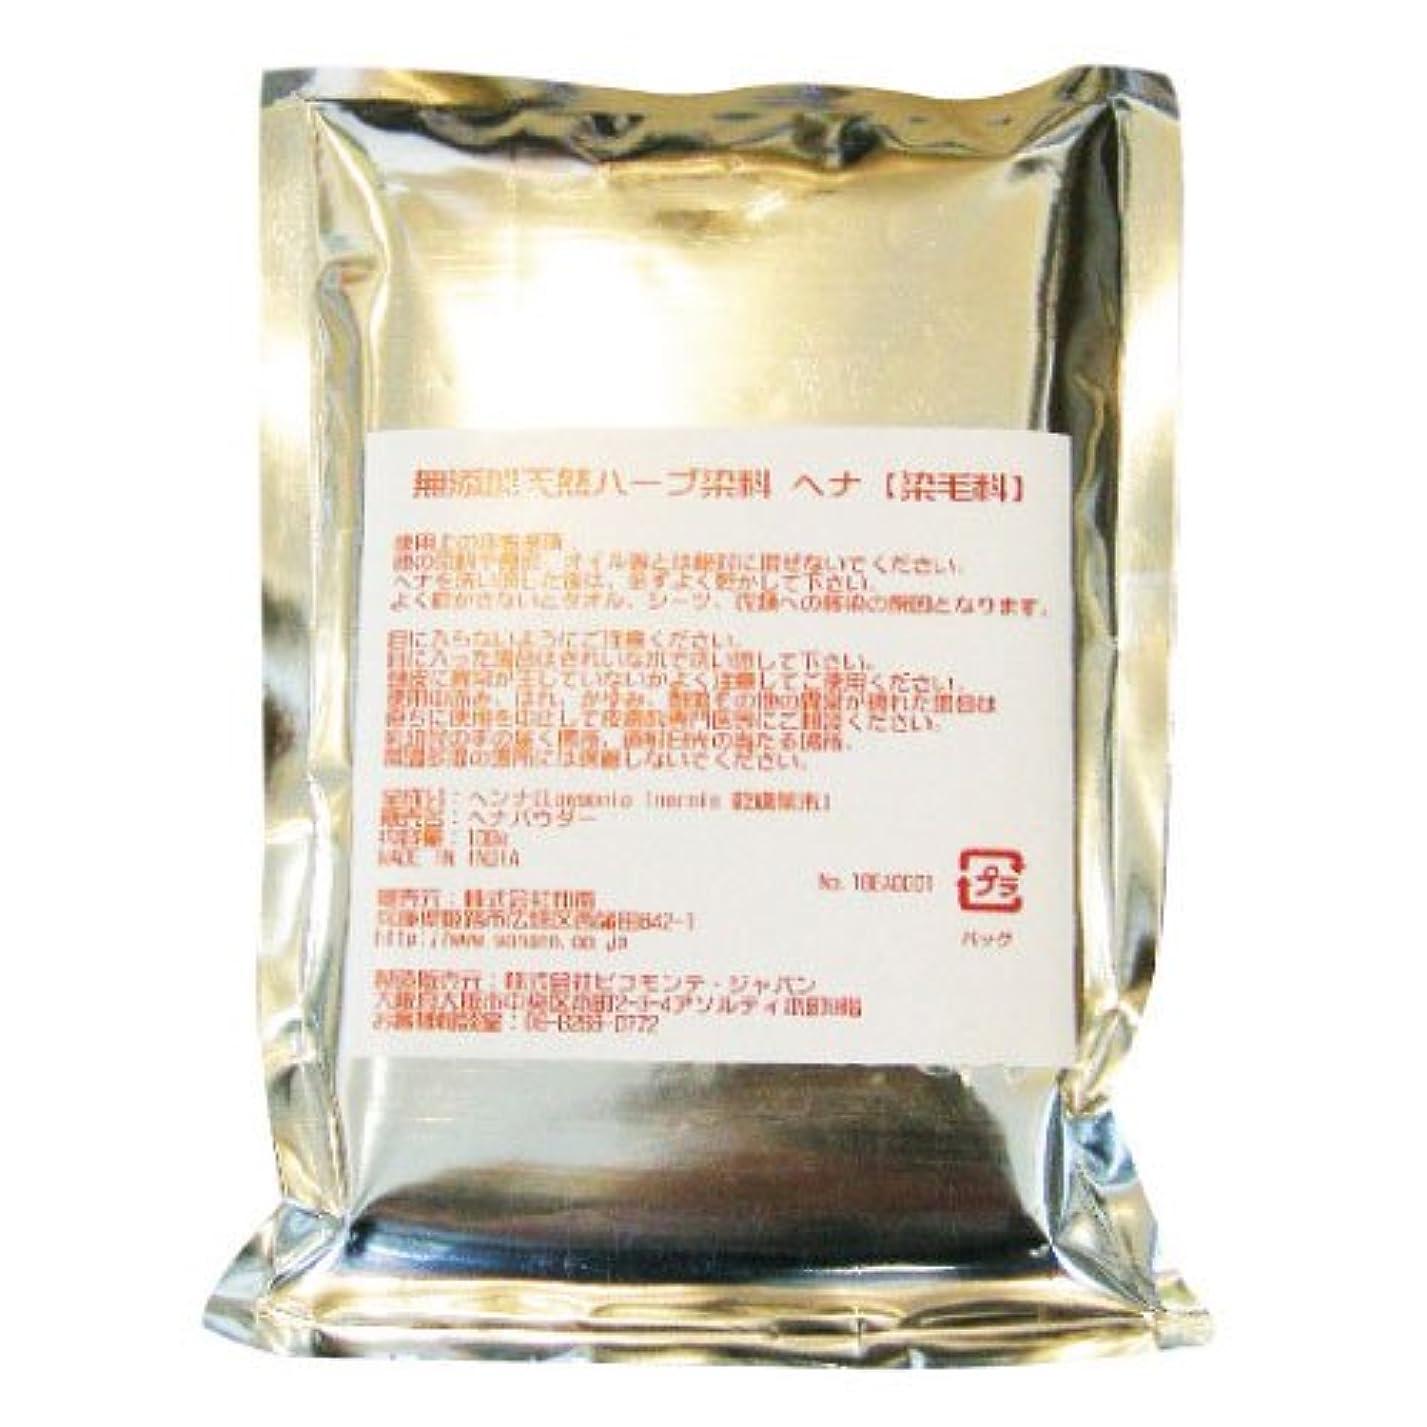 すべき広告するオーラル無添加天然ハーブ染料【染毛料】ヘナ 100g×5(計500g)